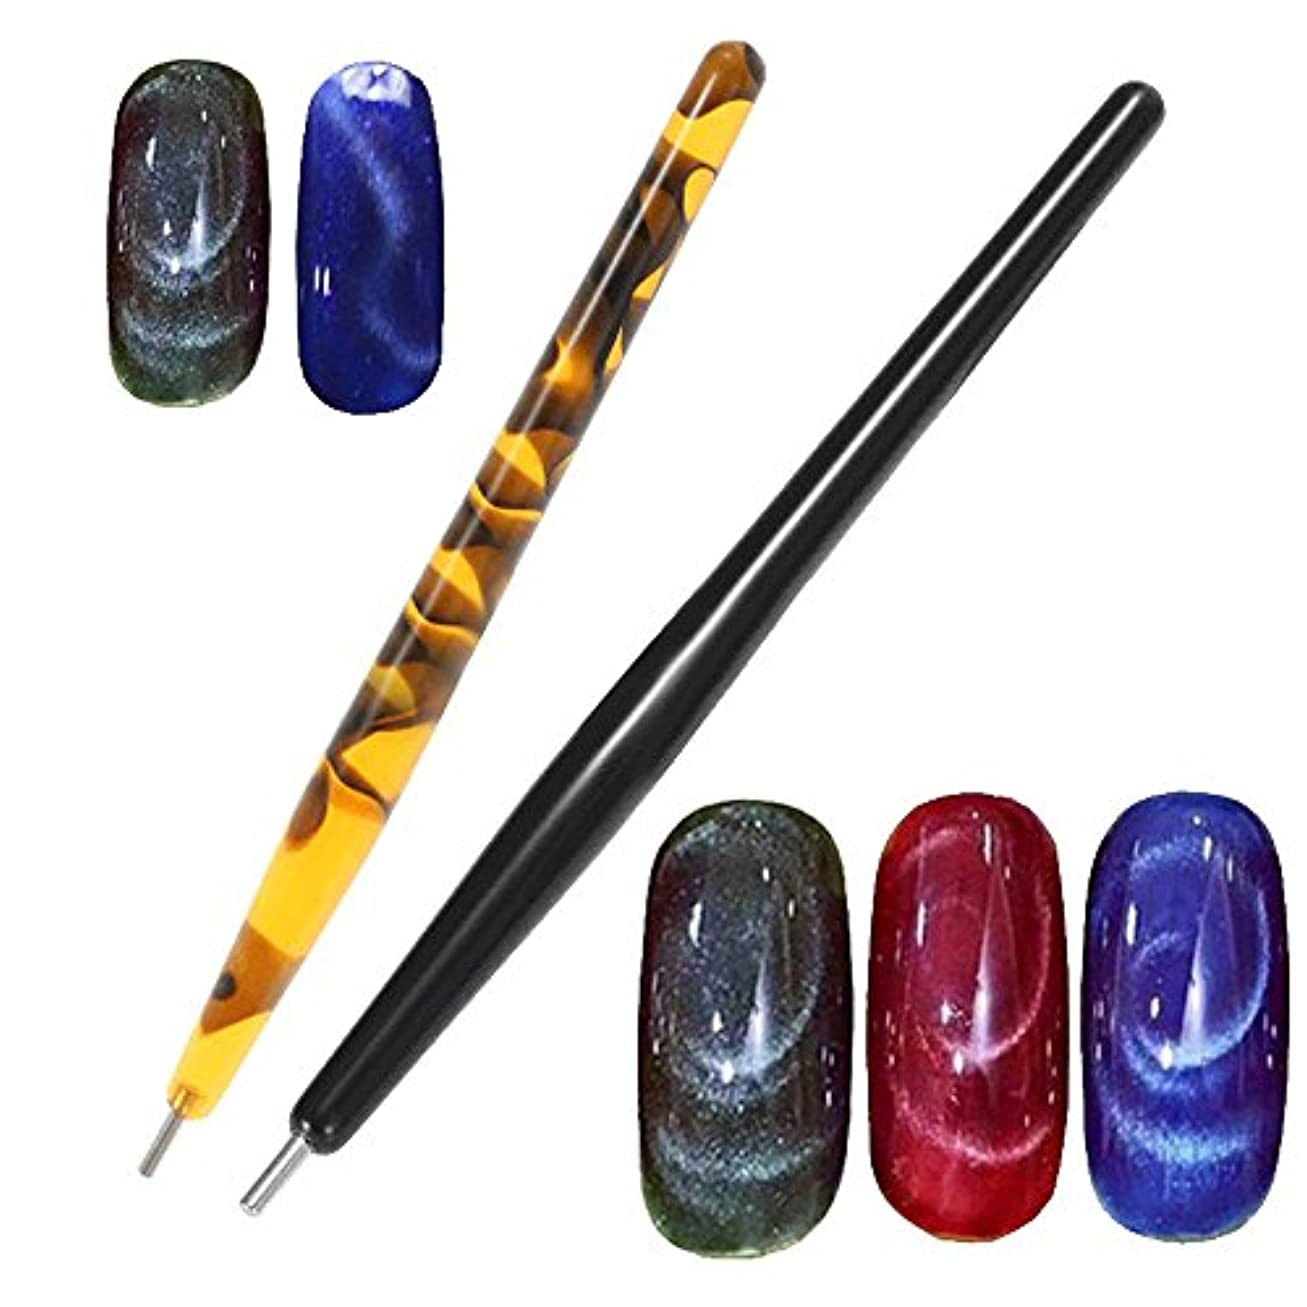 応答エントリどっち1 ピースマグネットペン磁気スティック猫目ジェルポリッシュ UV LED ネイルアートマニキュアツールネイルアート点在ツール pontilhado ペンラインストーン